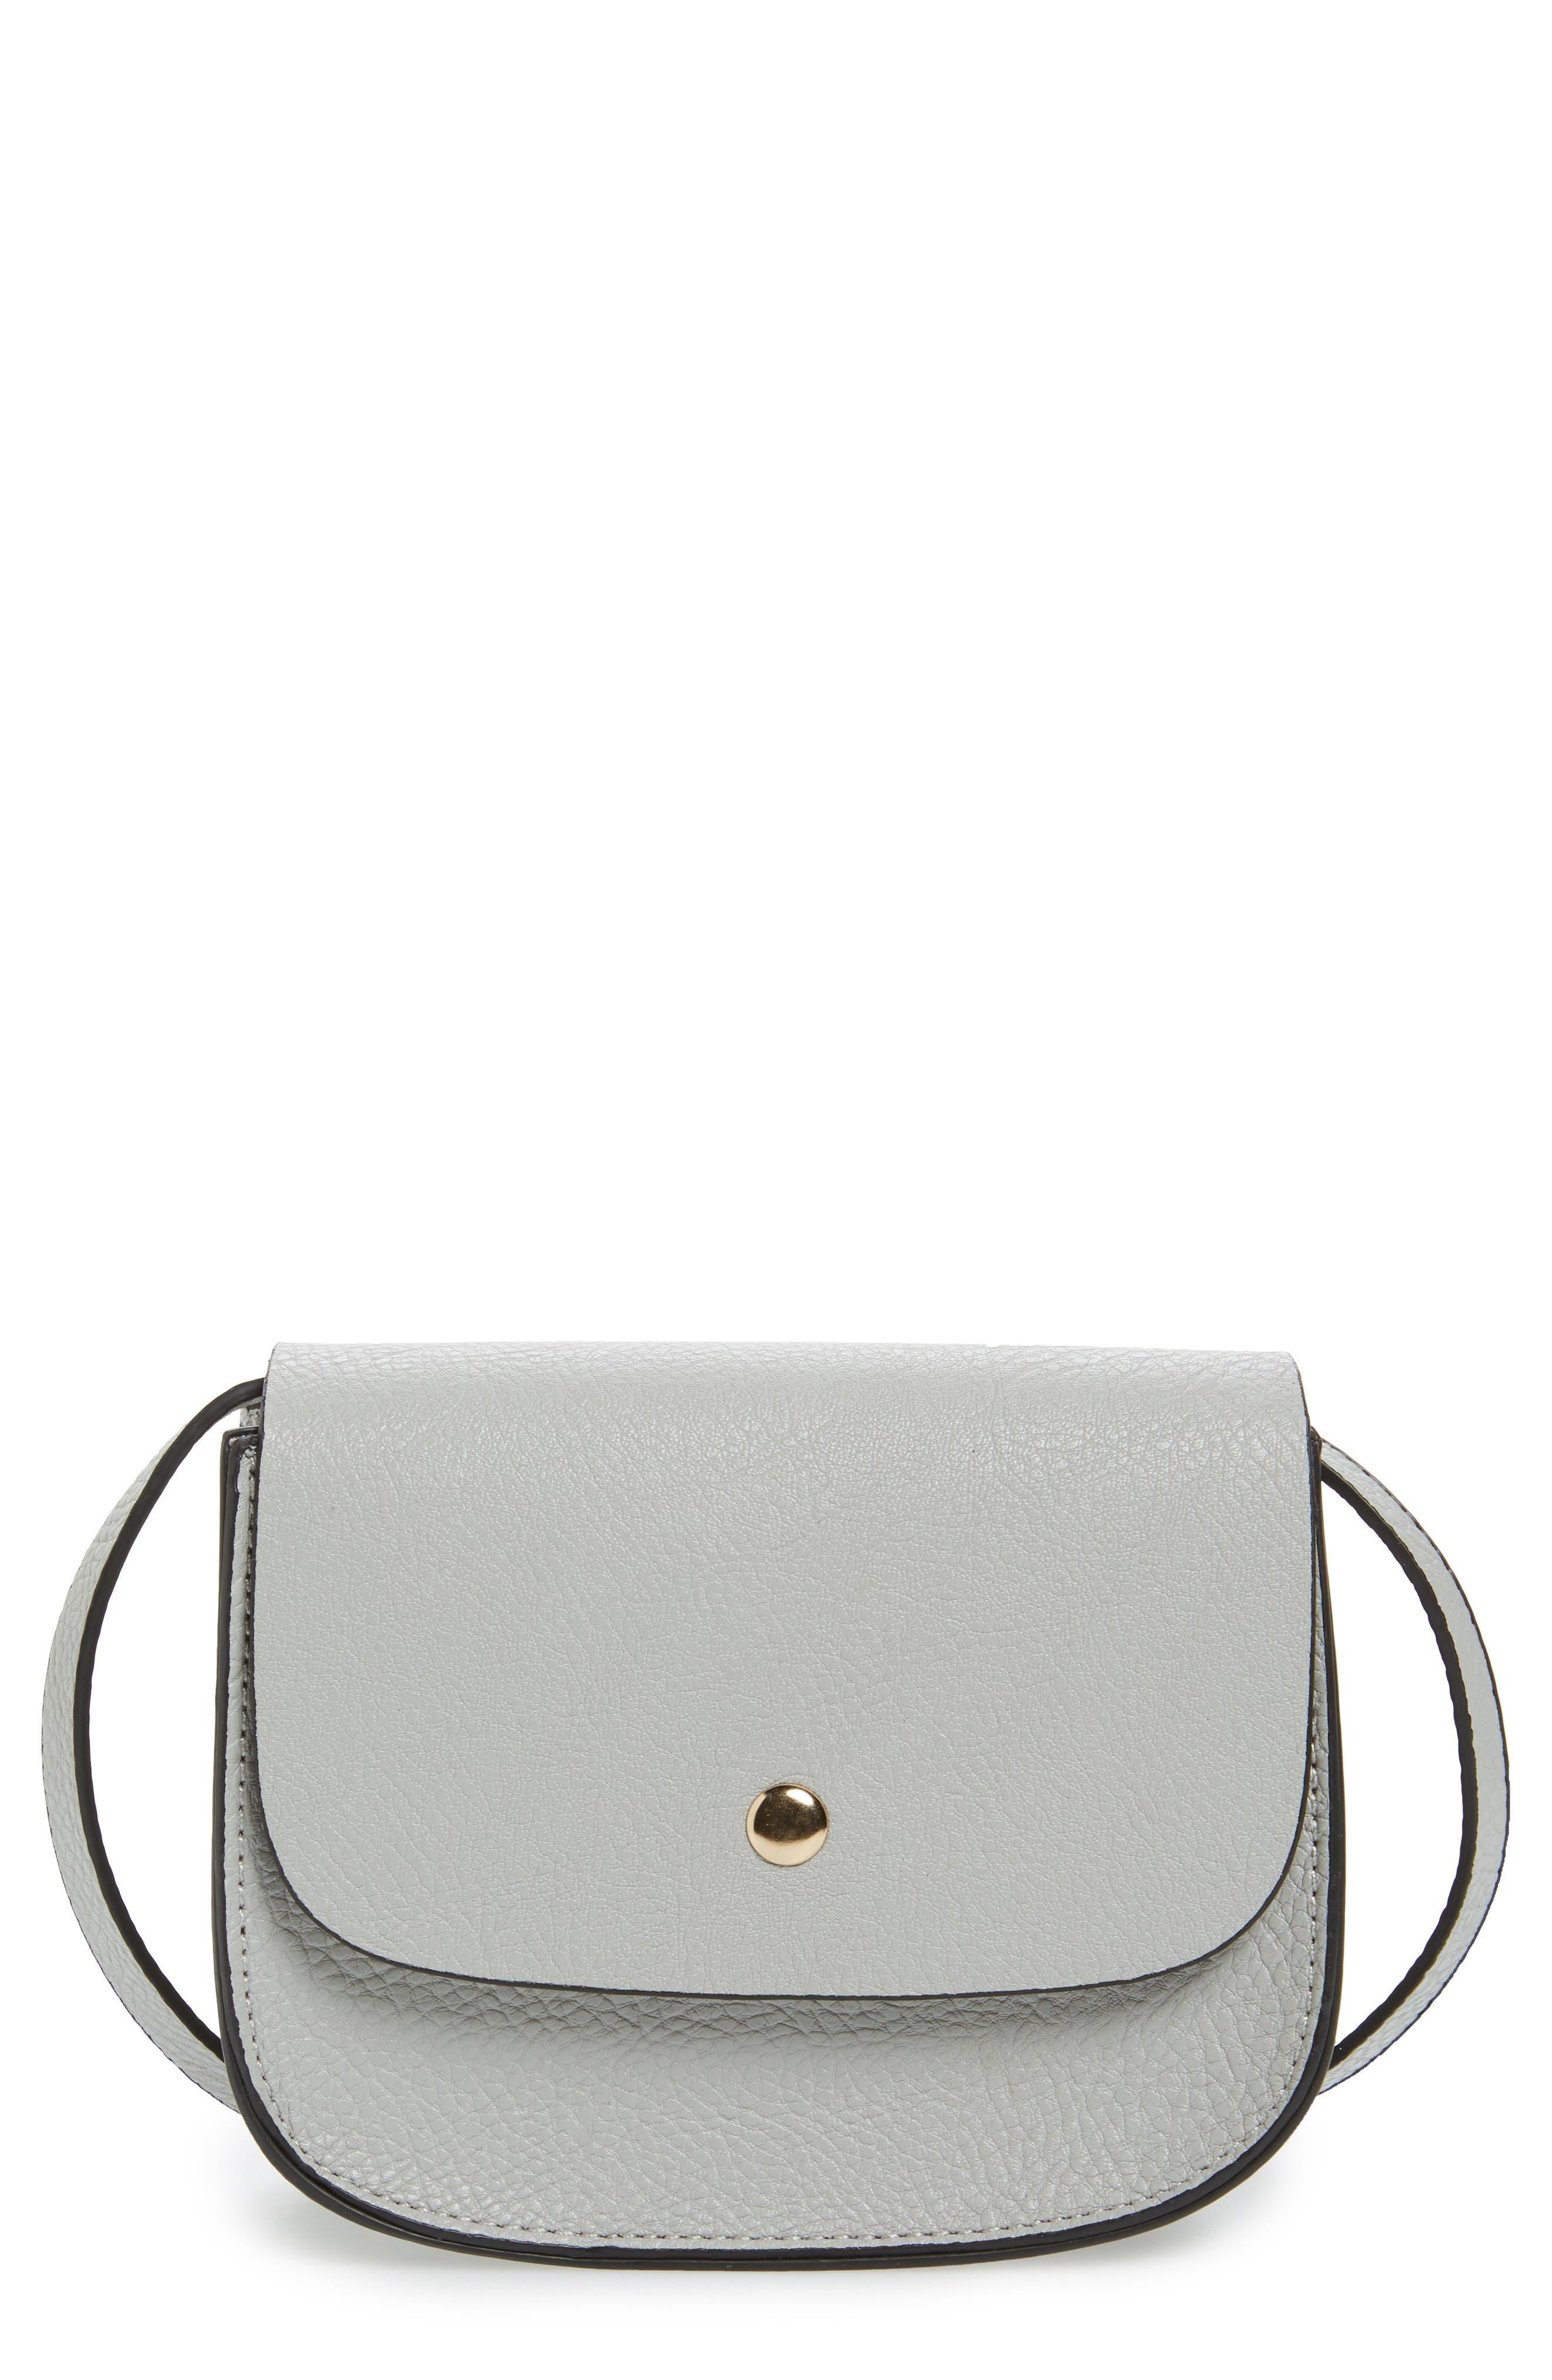 Main Image - Amici Accessories Mini Crossbody Saddle Bag